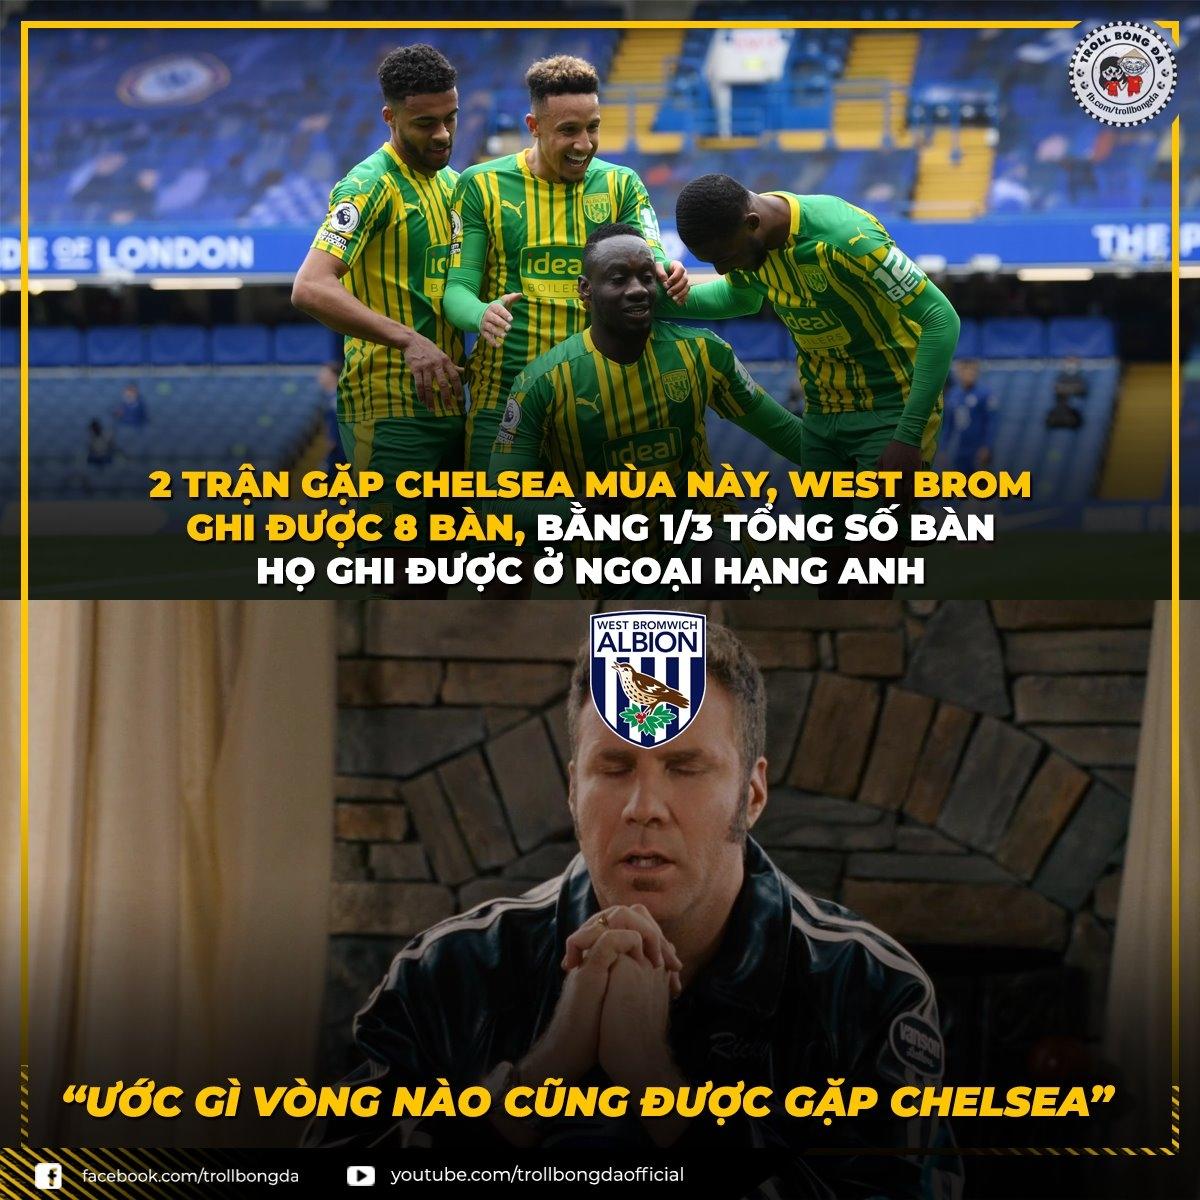 West Brom mong vòng nào cũng được gặp Chelsea (Ảnh: Troll bóng đá).